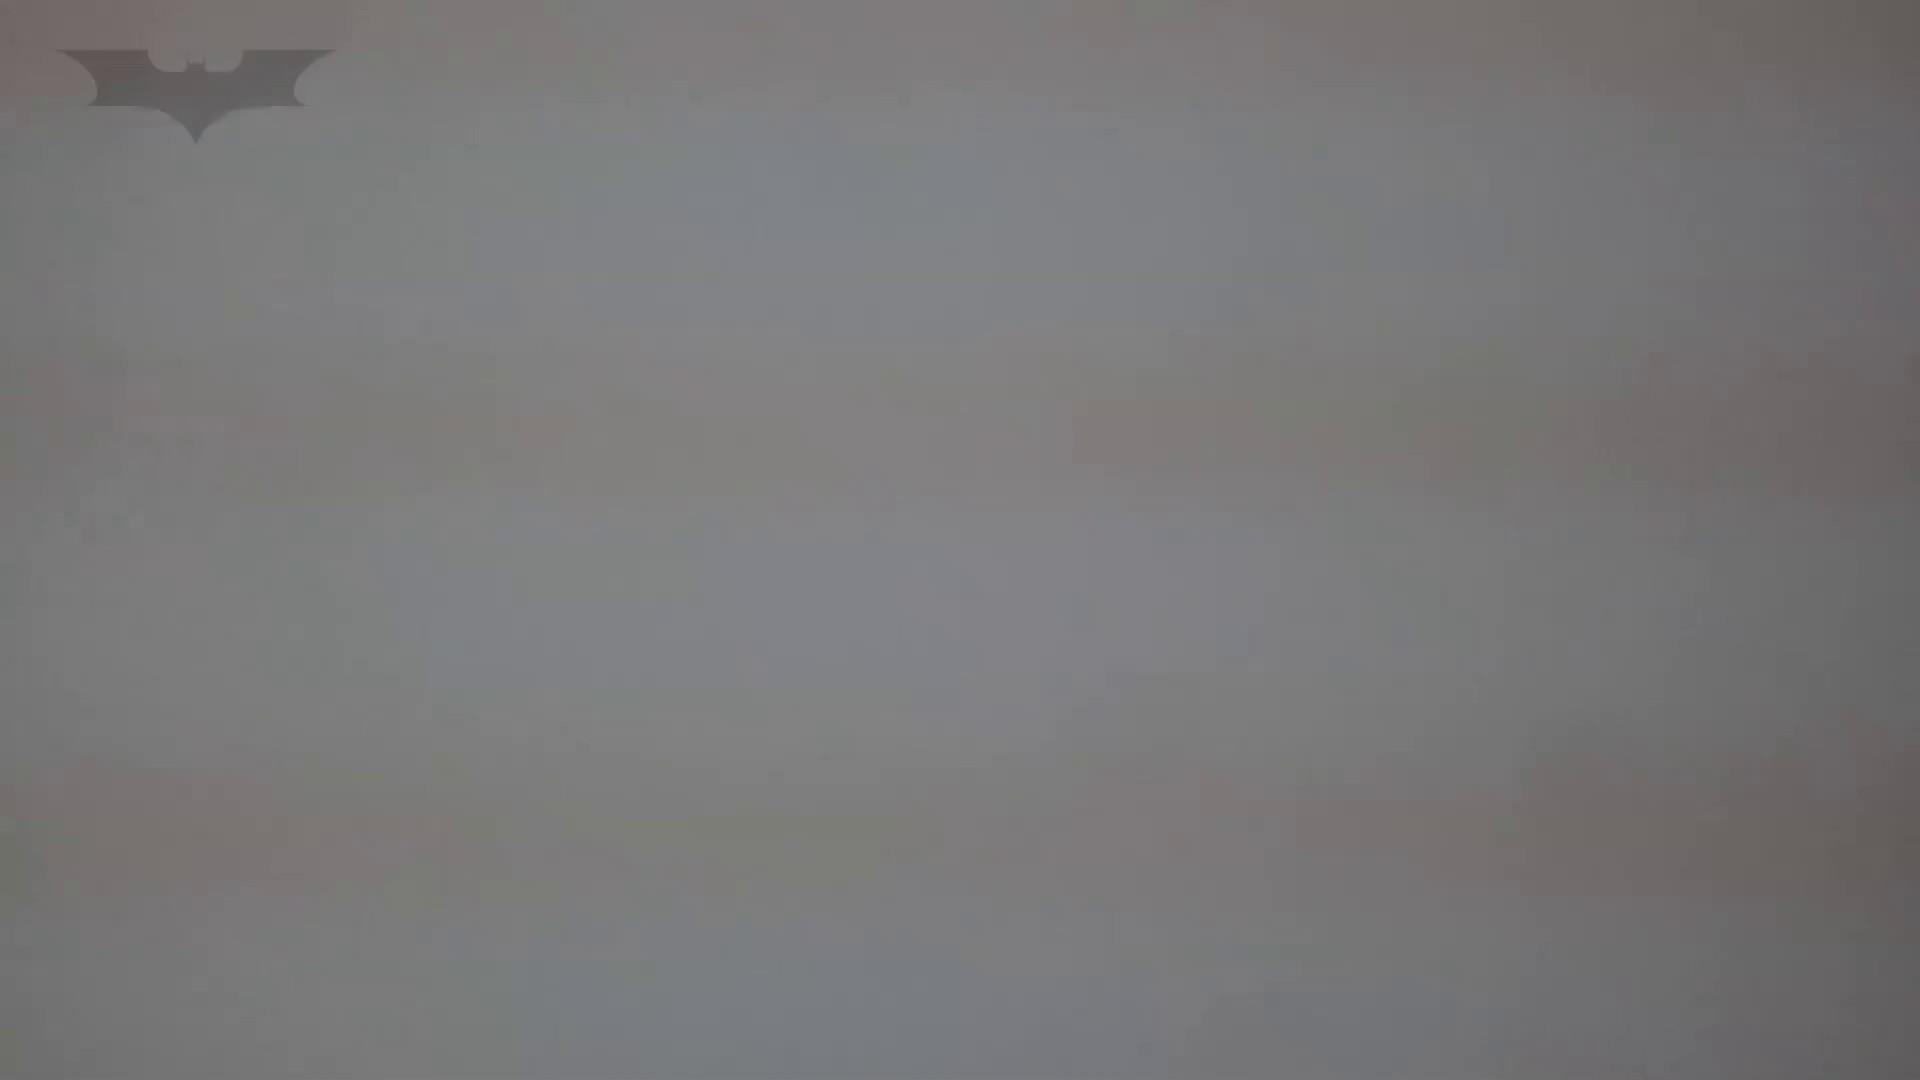 エロ動画:▲復活限定D▲化粧室絵巻 駅舎編 VOL.12 SEIFUKUマフラー特集!!:怪盗ジョーカー